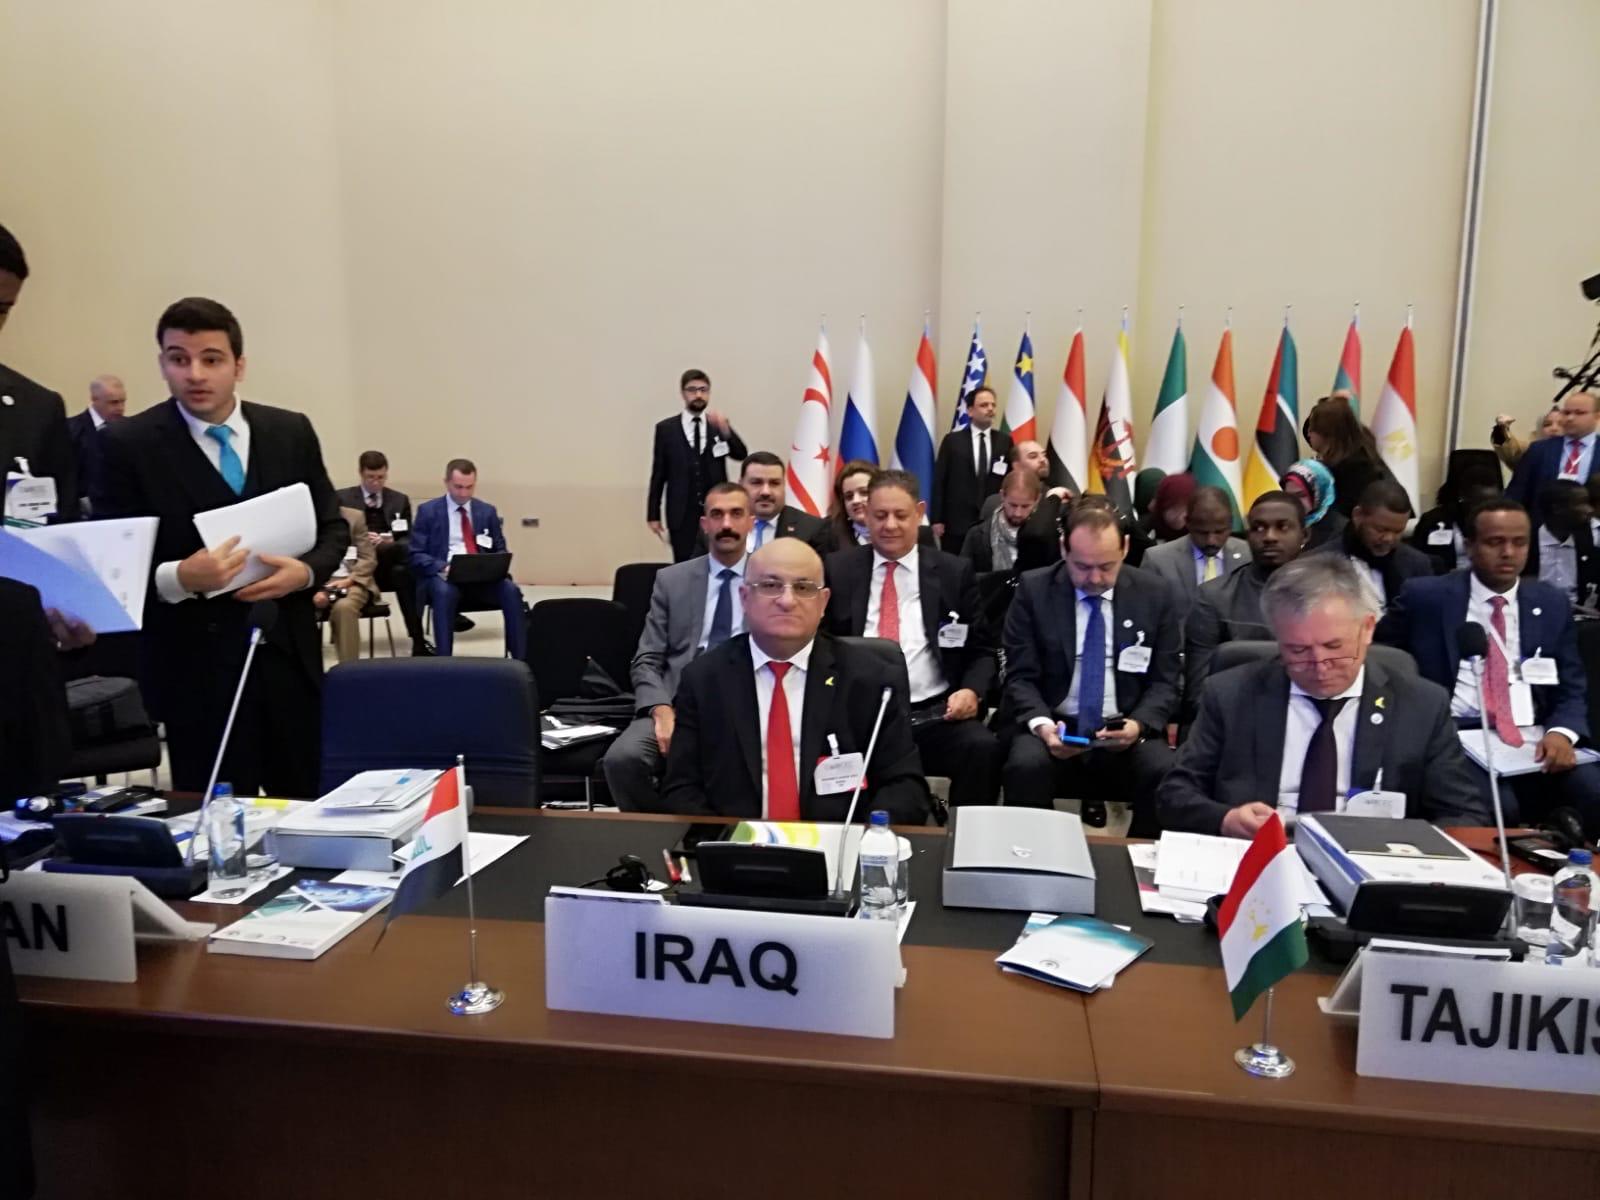 بمشاركة وزير التجارة .. بدء أعمال الجلسة الوزارية الـ ٣٤ للكومسيك في اسطنبول